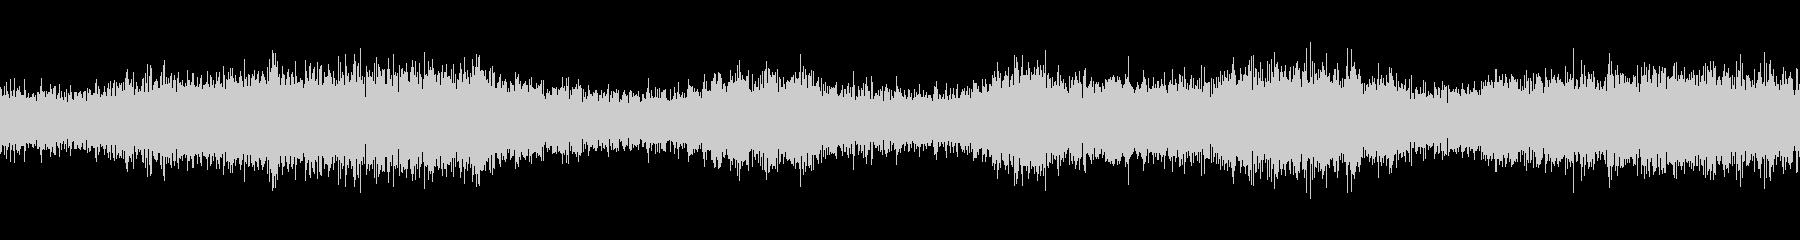 【生録音】ループで使える夏の虫の声 3の未再生の波形